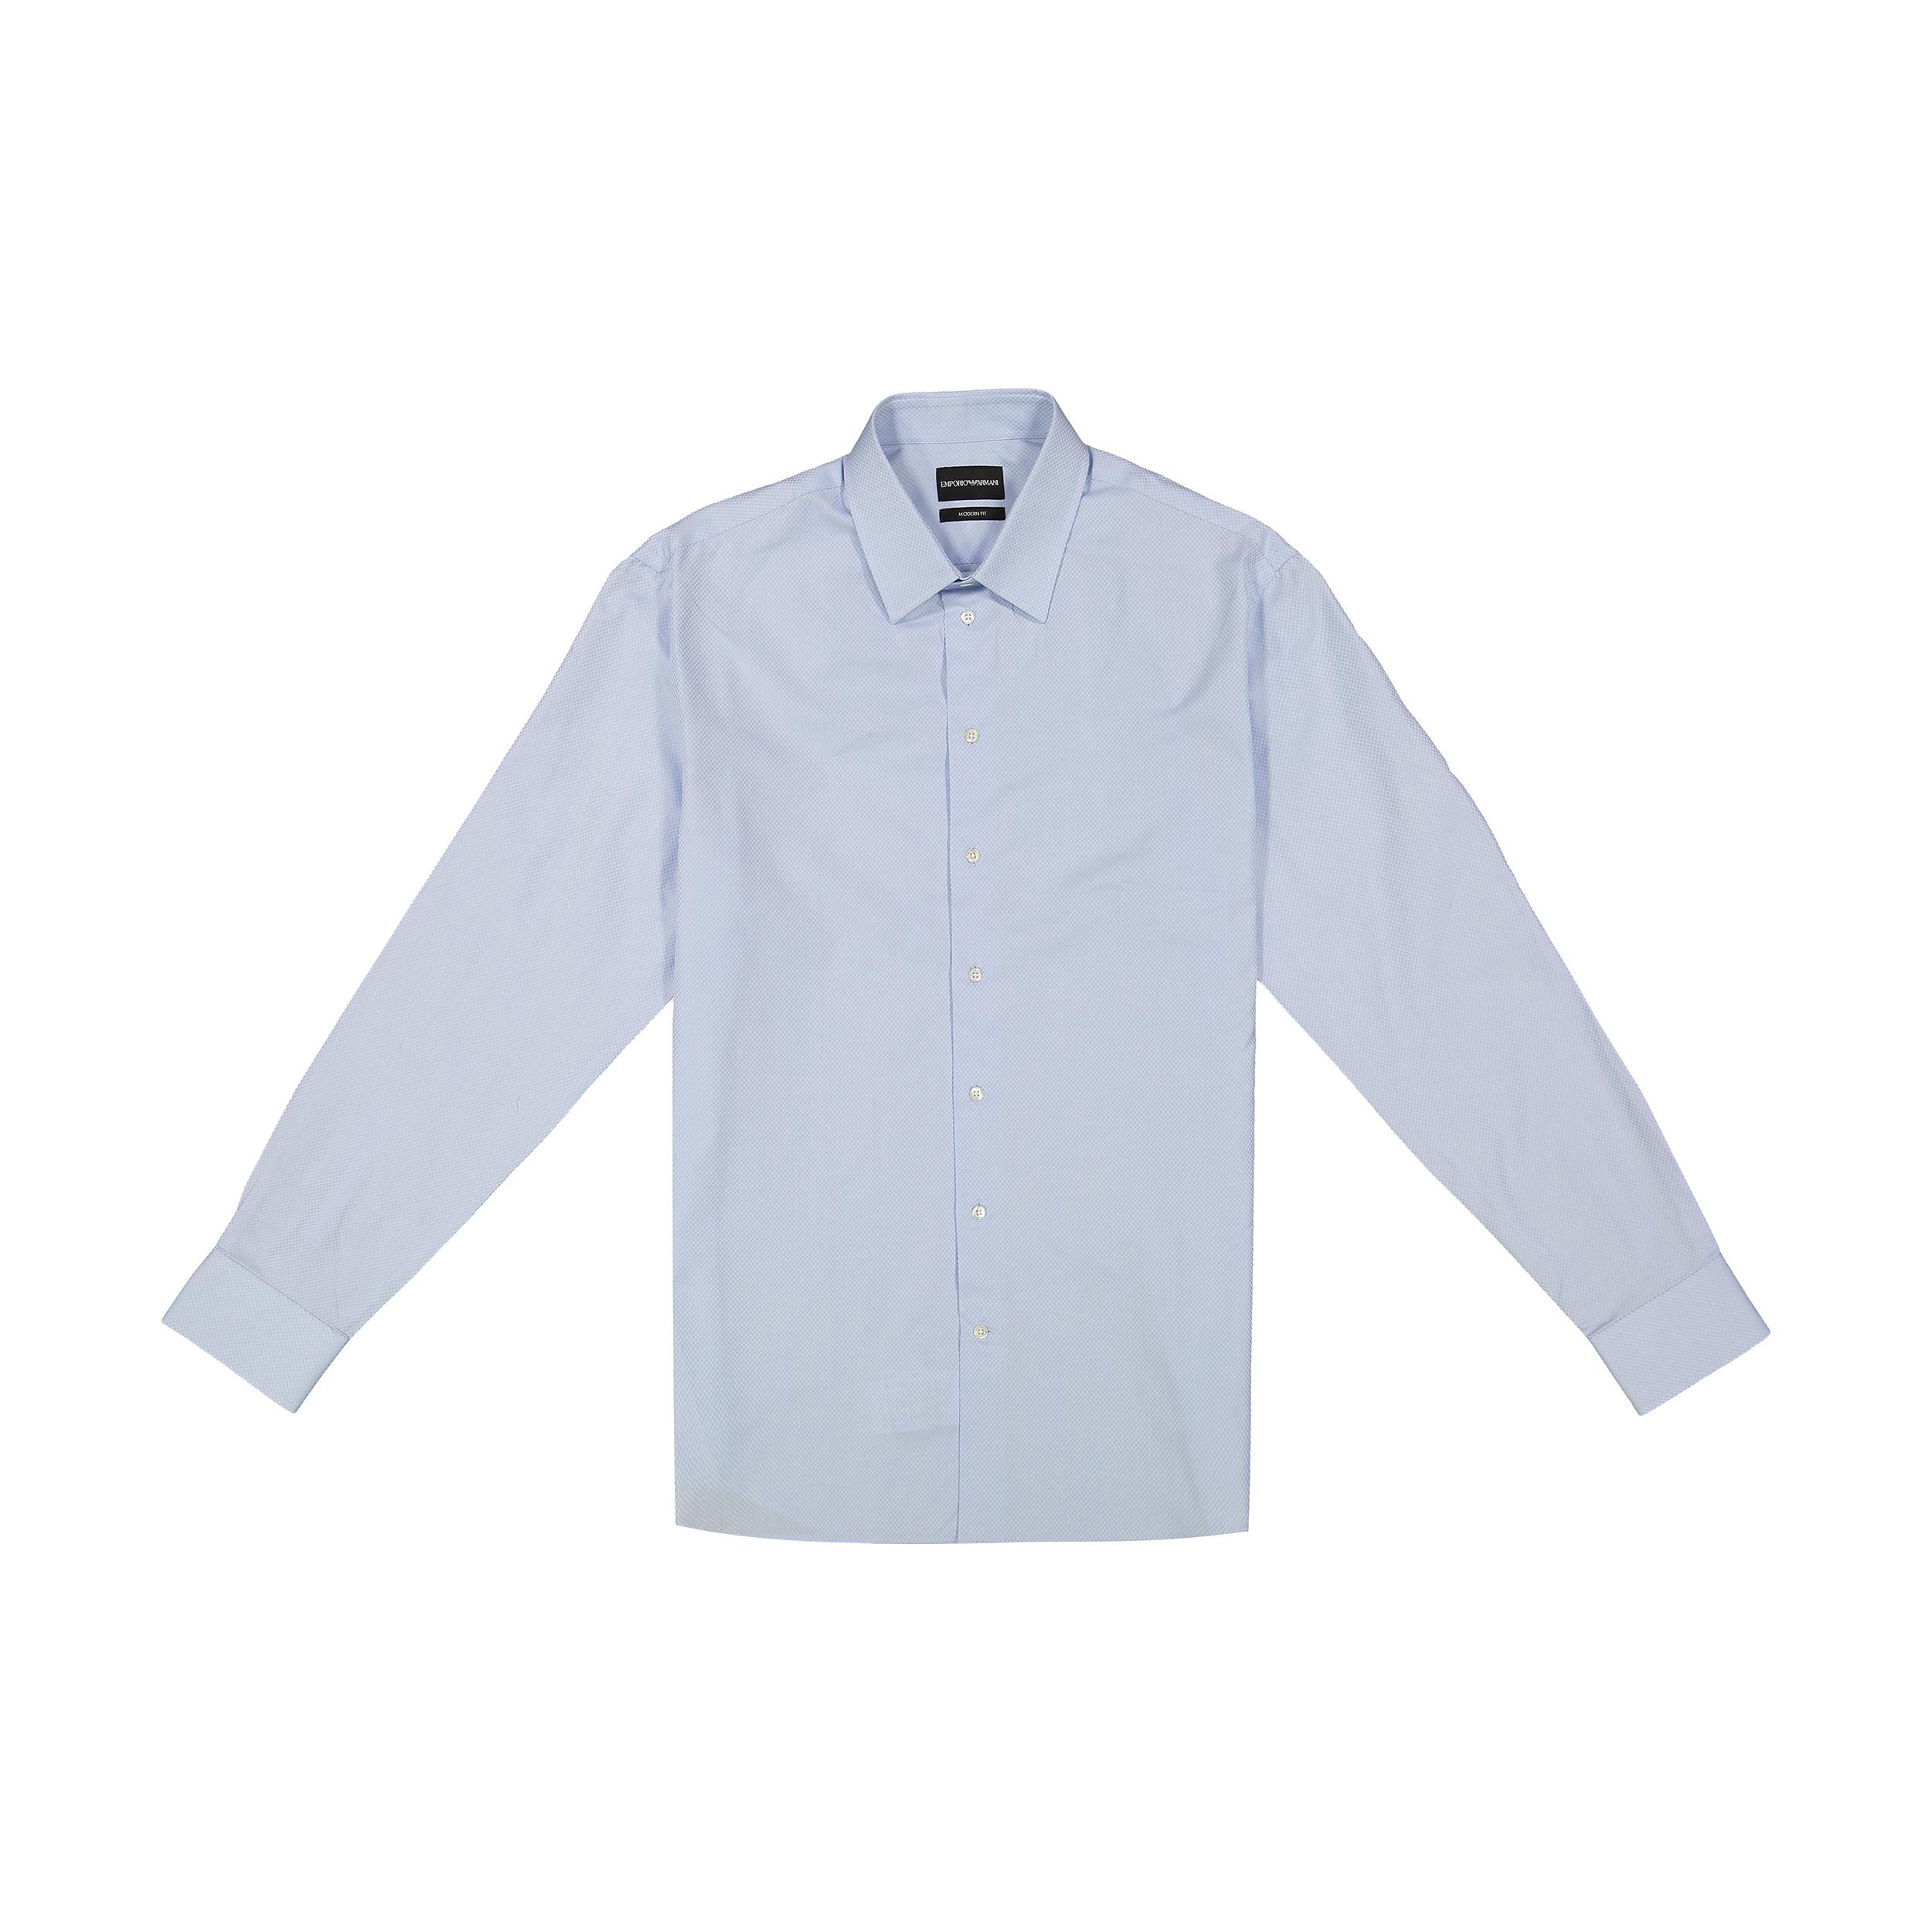 پیراهن آستین بلند مردانه امپریو آرمانی مدل 51CM5L51C34-041